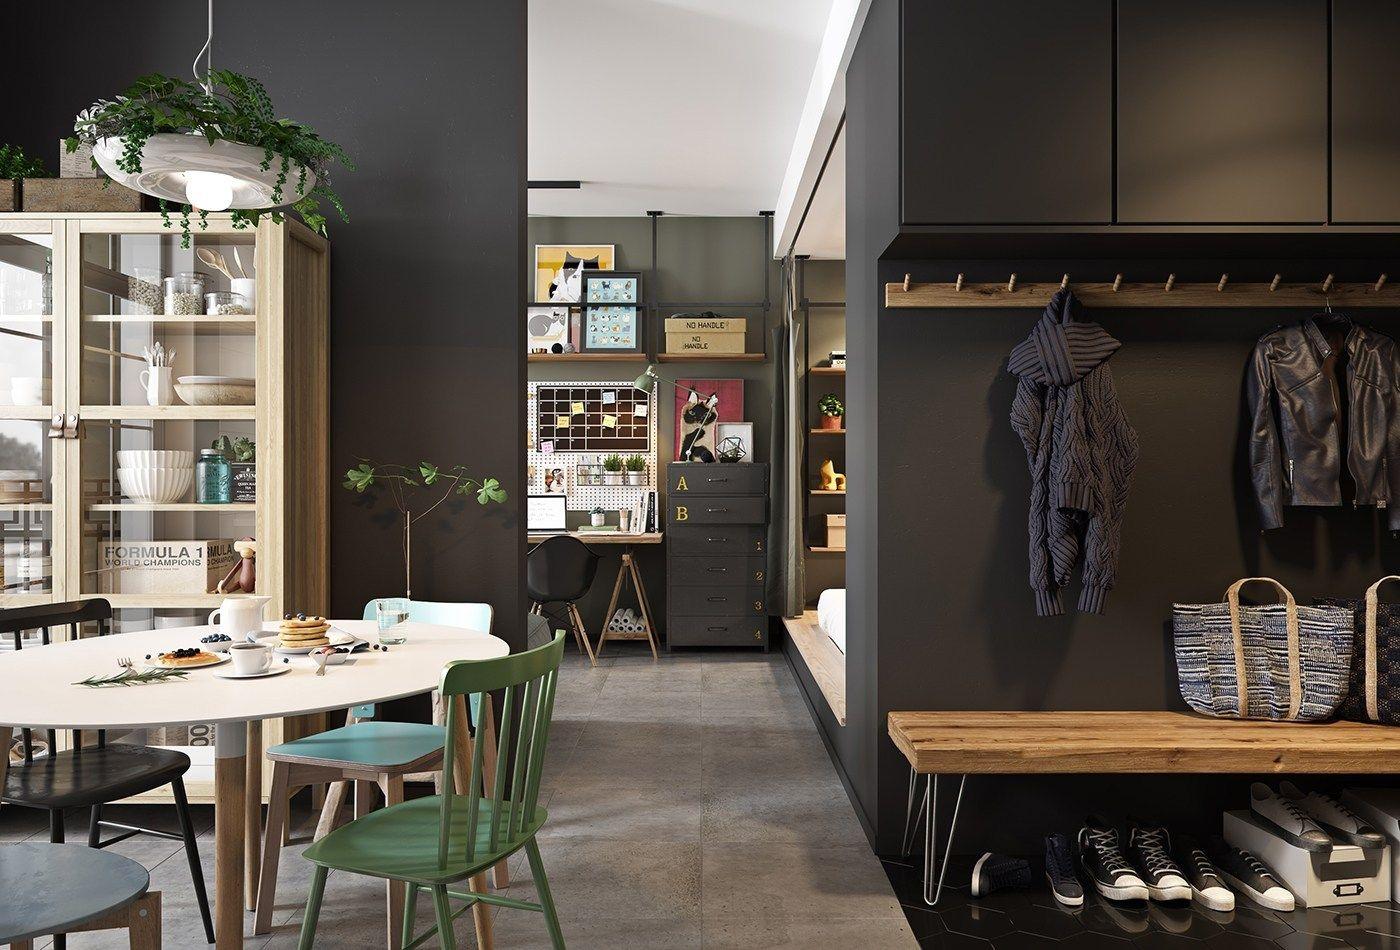 Đừng bỏ qua những ý tưởng này nếu bạn đang có dự định thiết kế một căn hộ studio nhỏ - Ảnh 16.